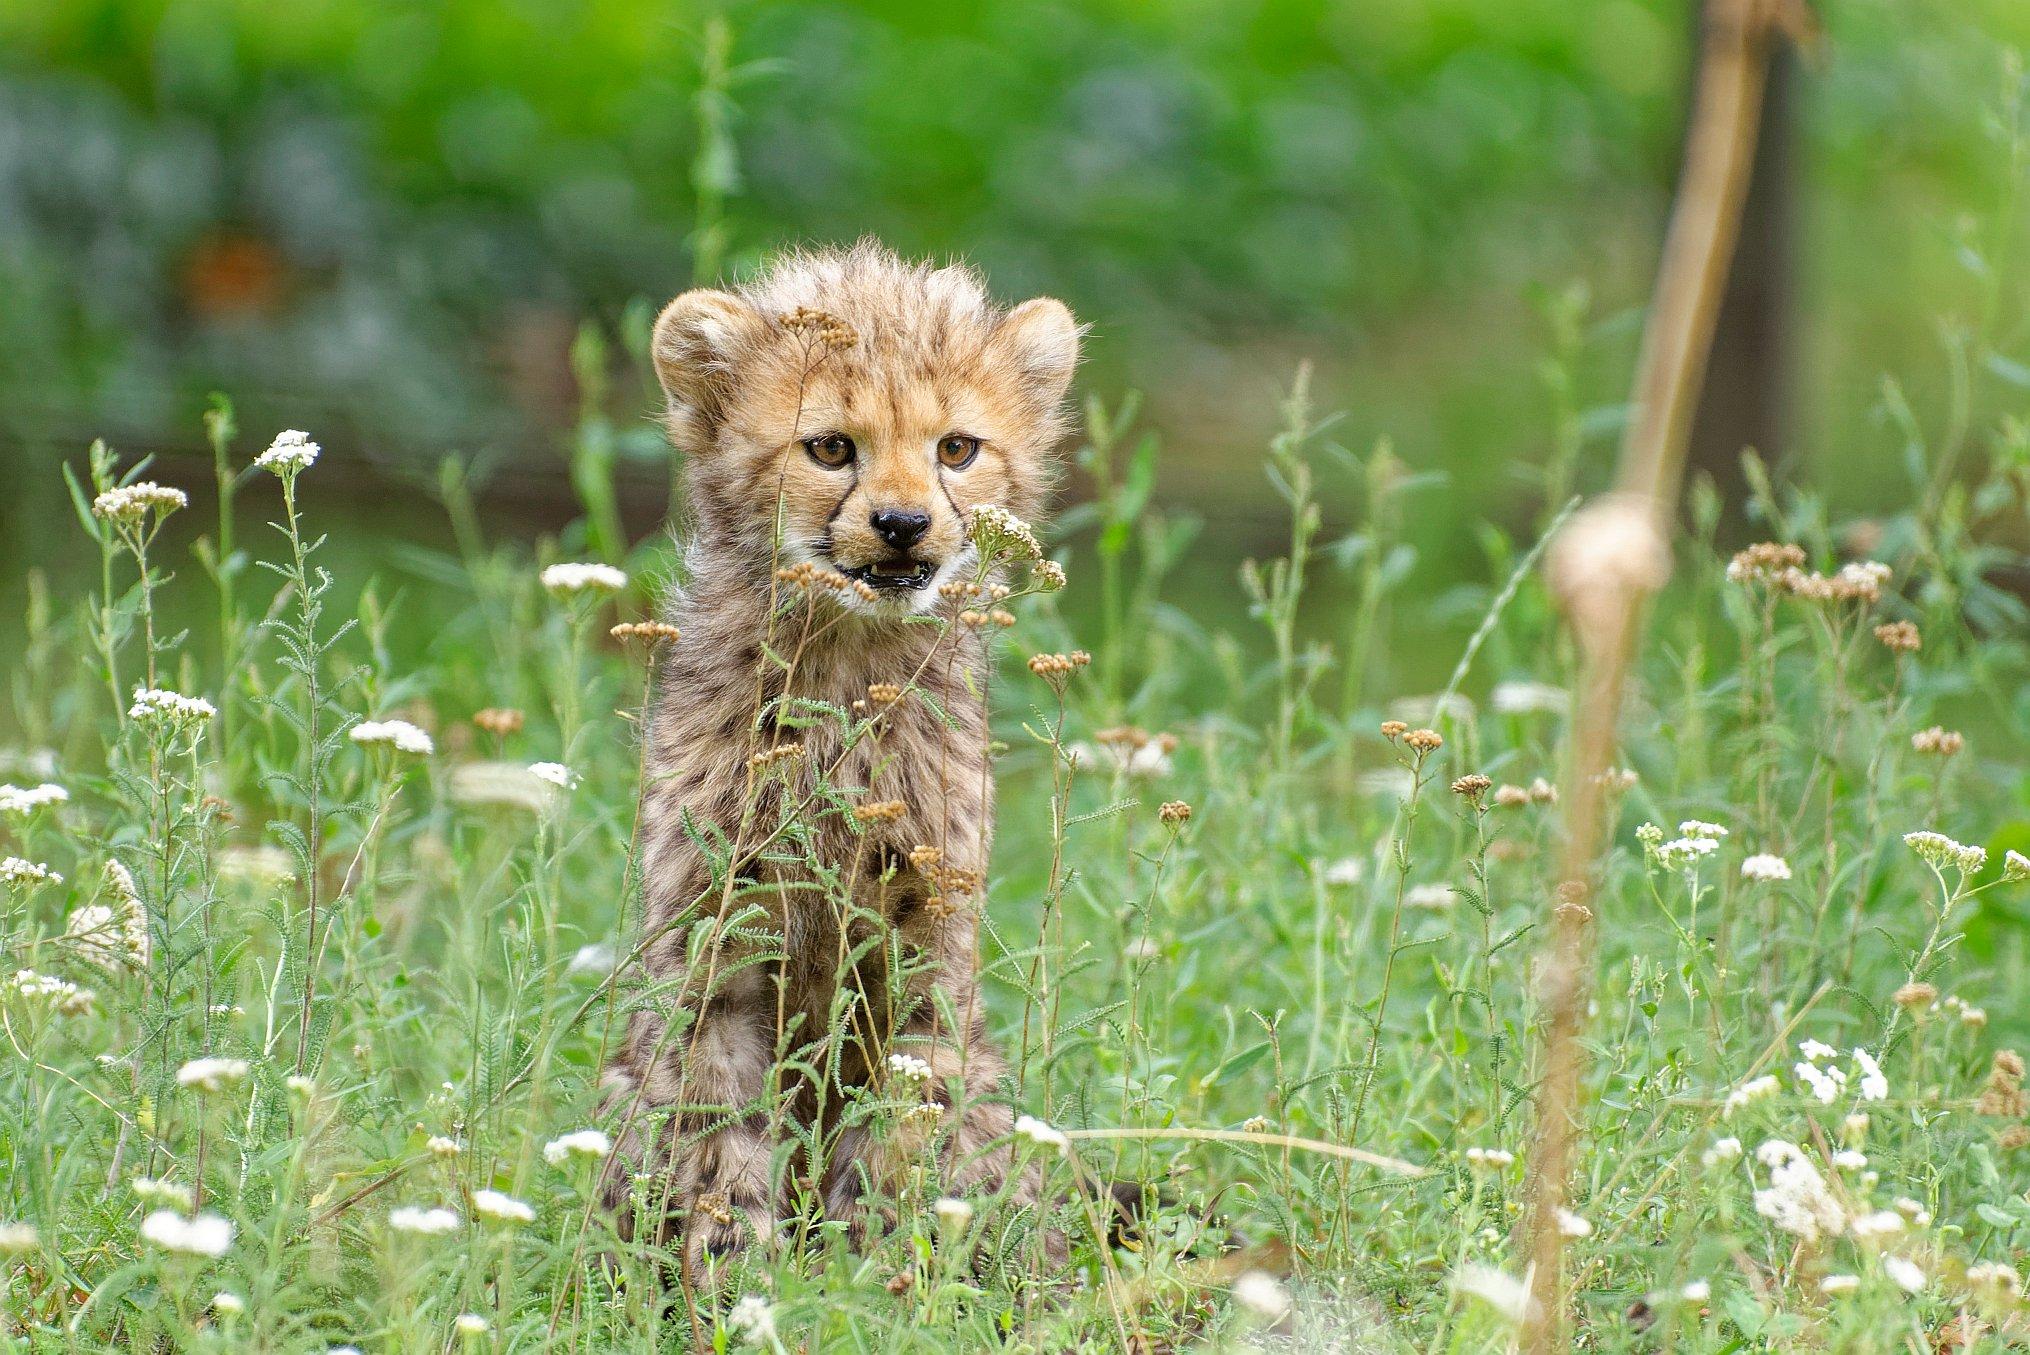 geparden nachwuchs blumenwiese zoo schönbrunn 2020-08-29